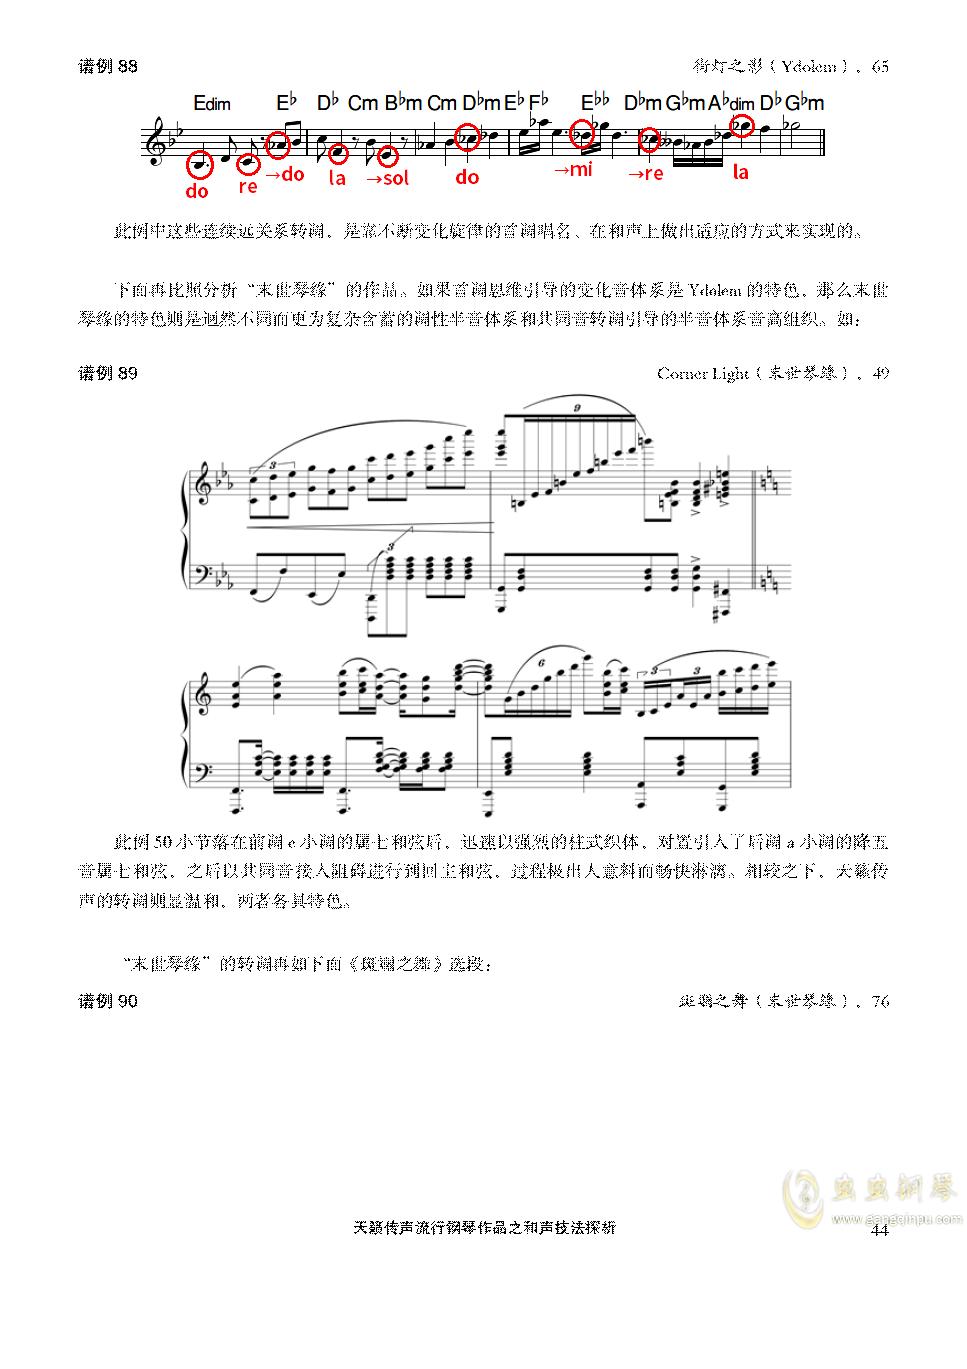 天籁传声和声技法探析澳门星际官网 第44页